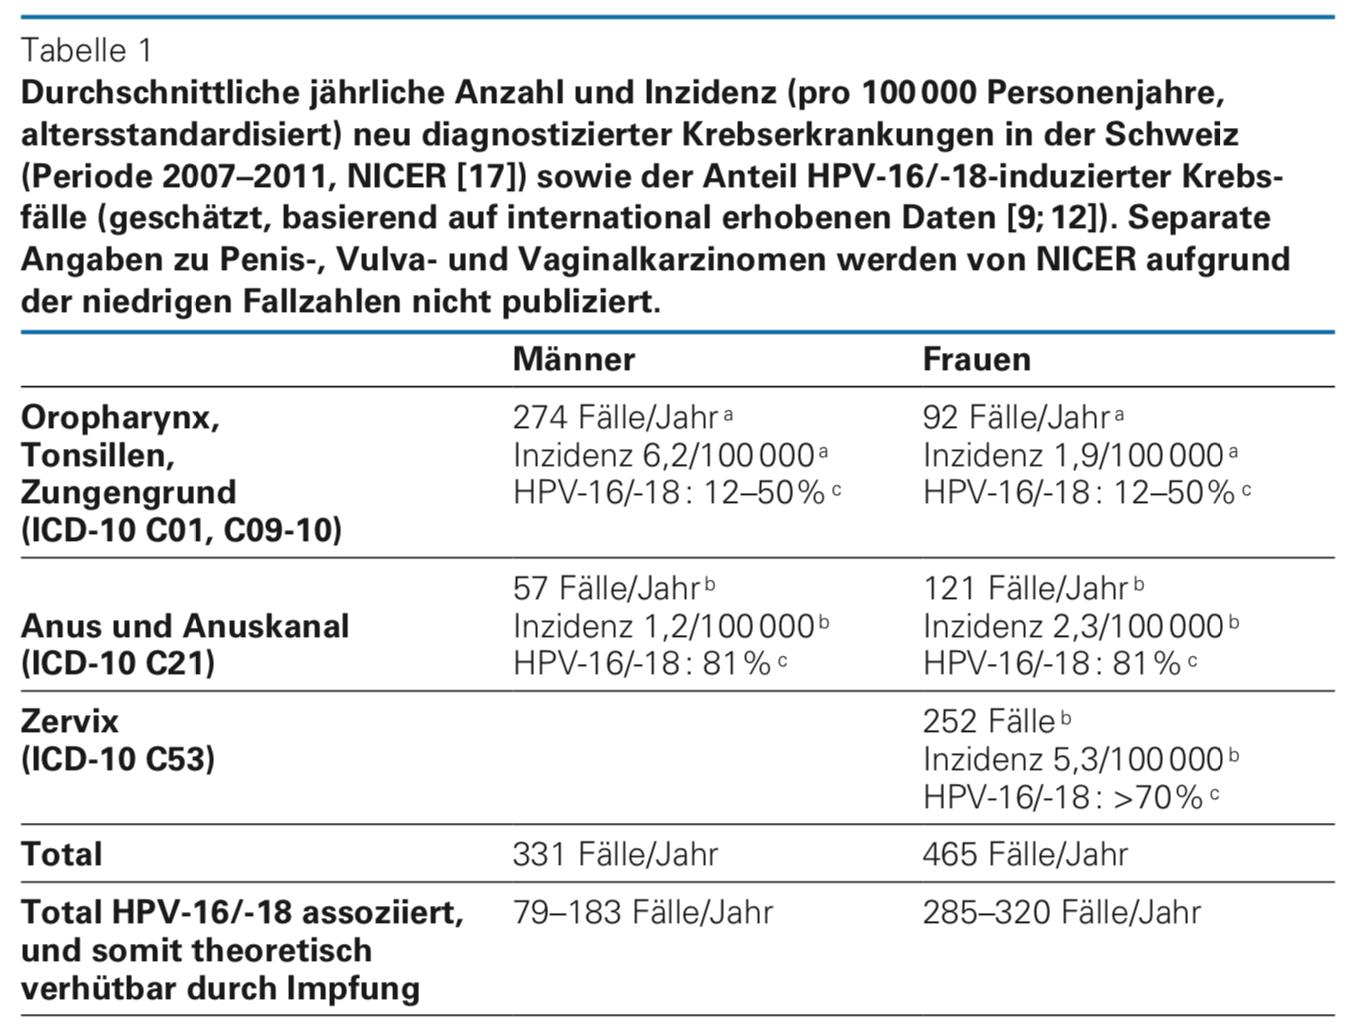 impfung papillomaviren jungen nebenwirkungen)